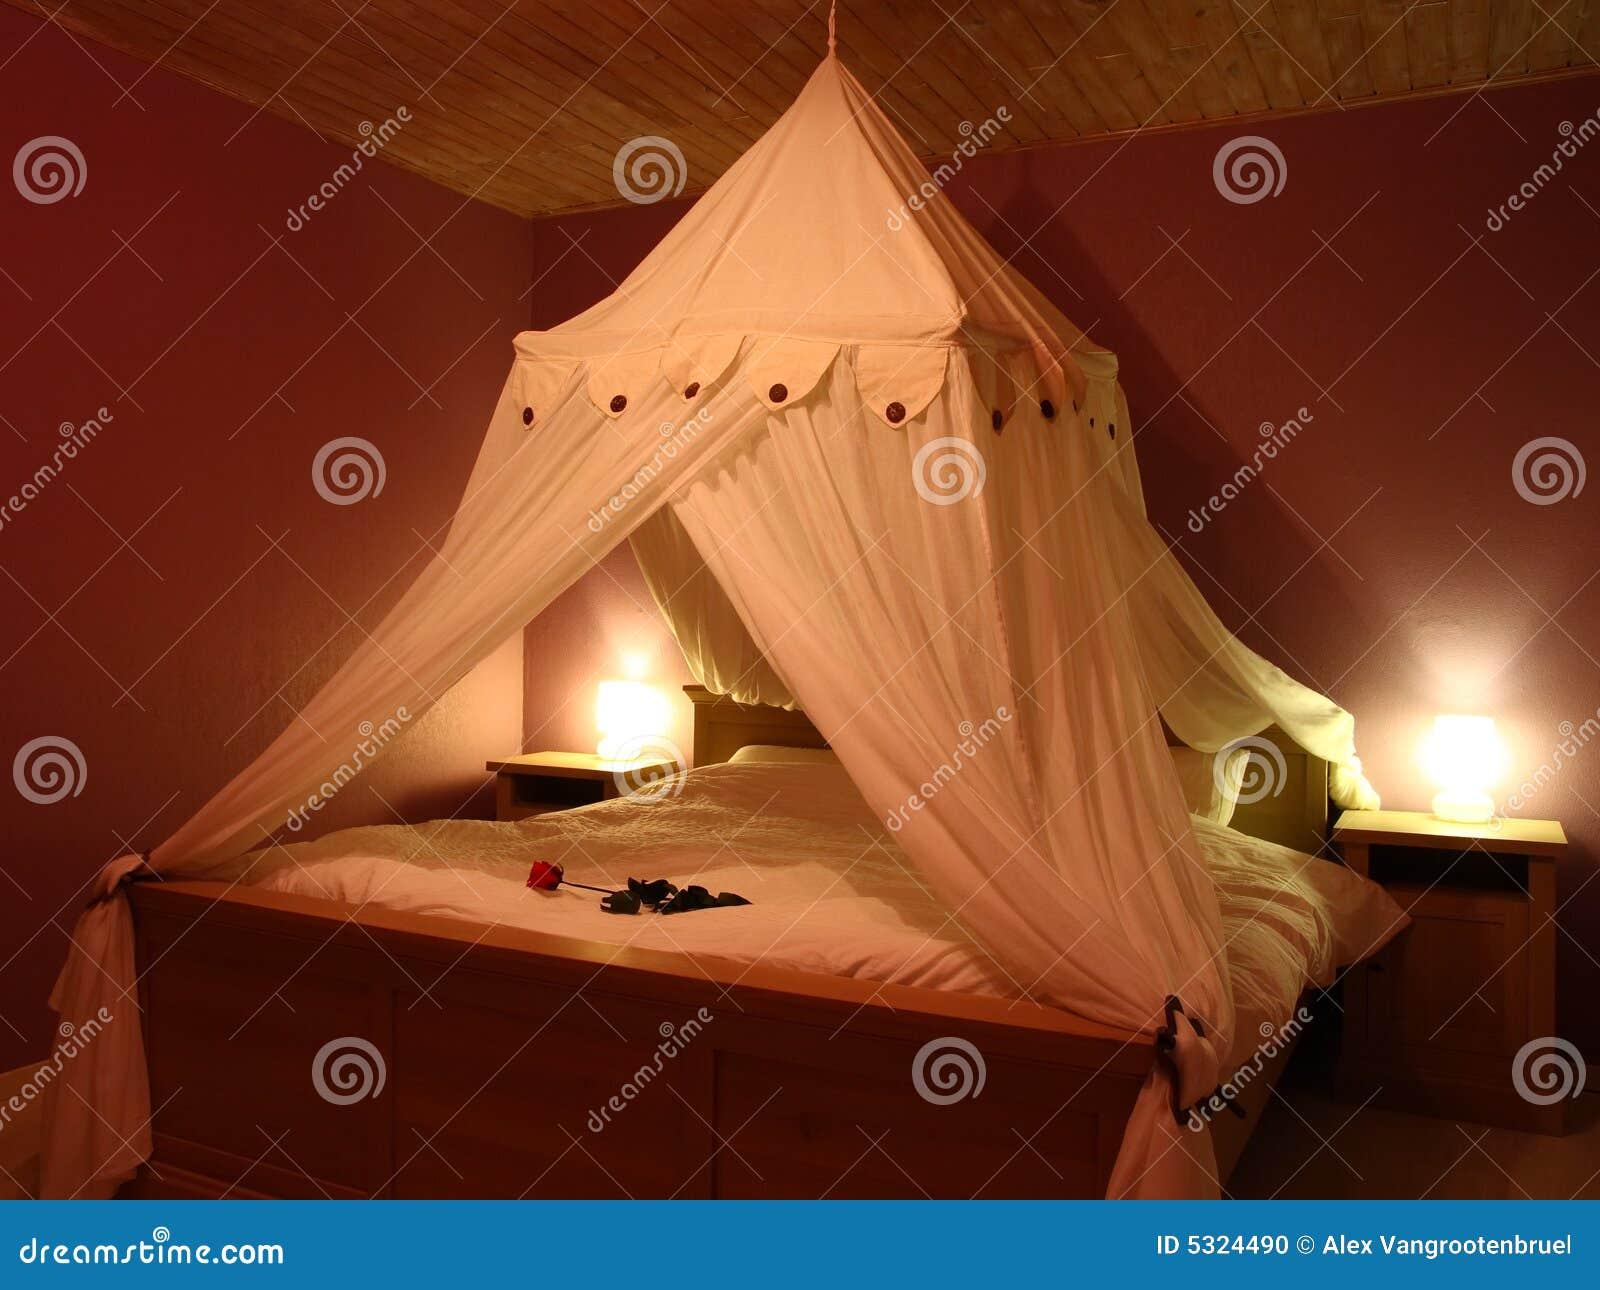 Romantische Slaapkamer Stock Foto - Afbeelding: 5324490